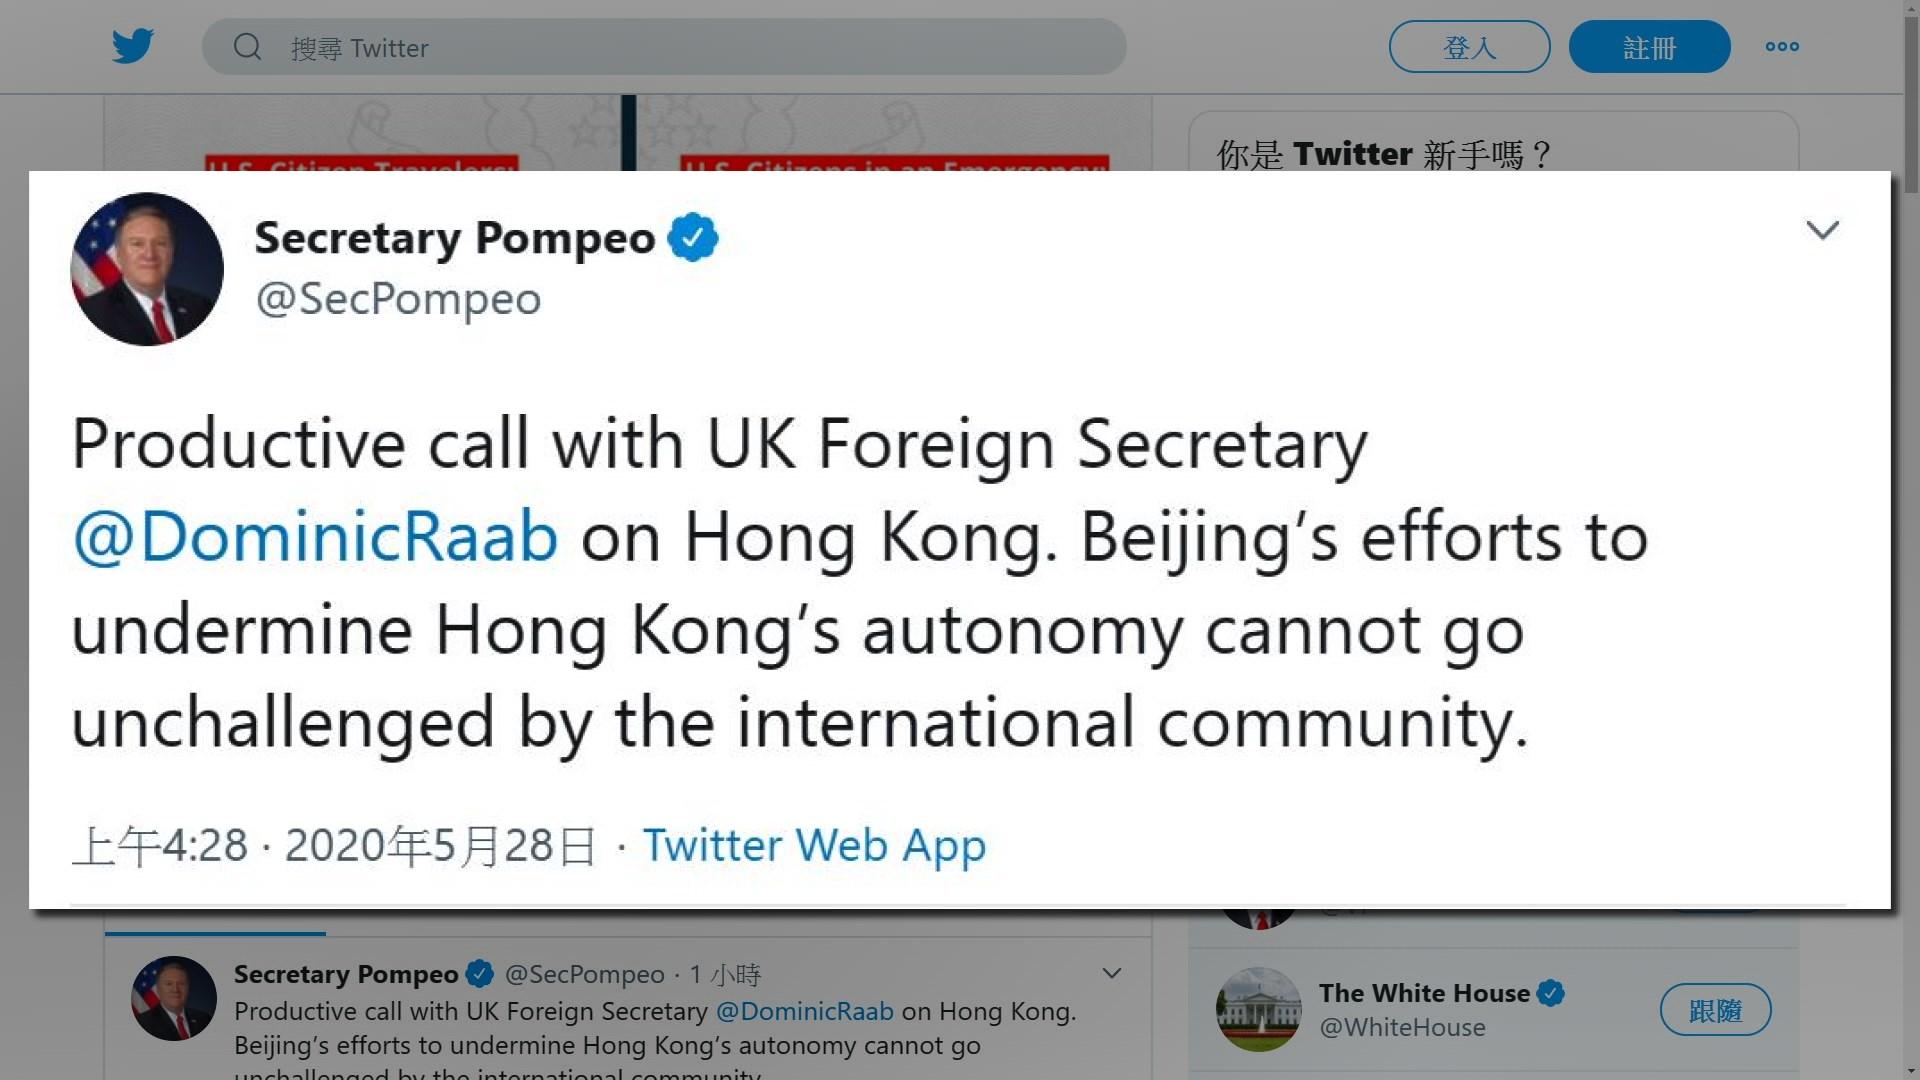 蓬佩奧向國會報告香港不再享有自治